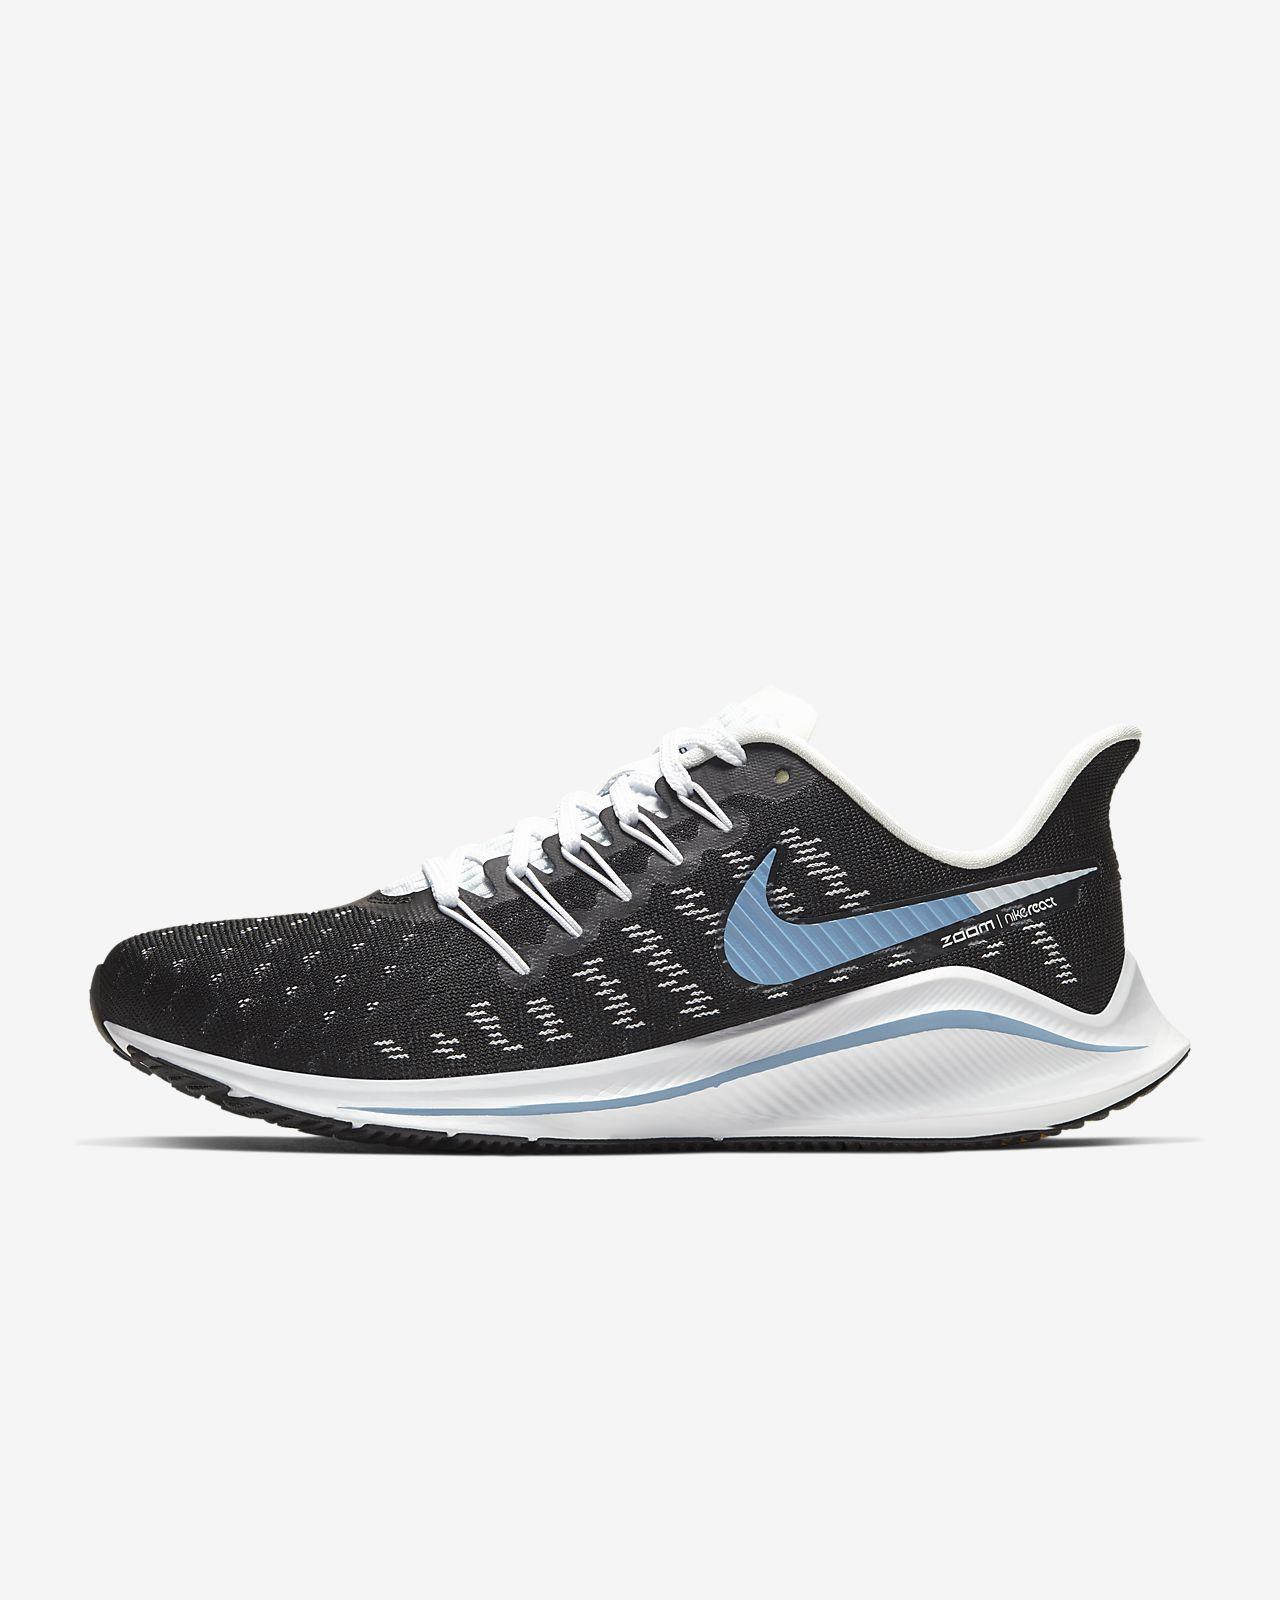 Nike Air Zoom Vomero 14 Zapatillas de running - Mujer